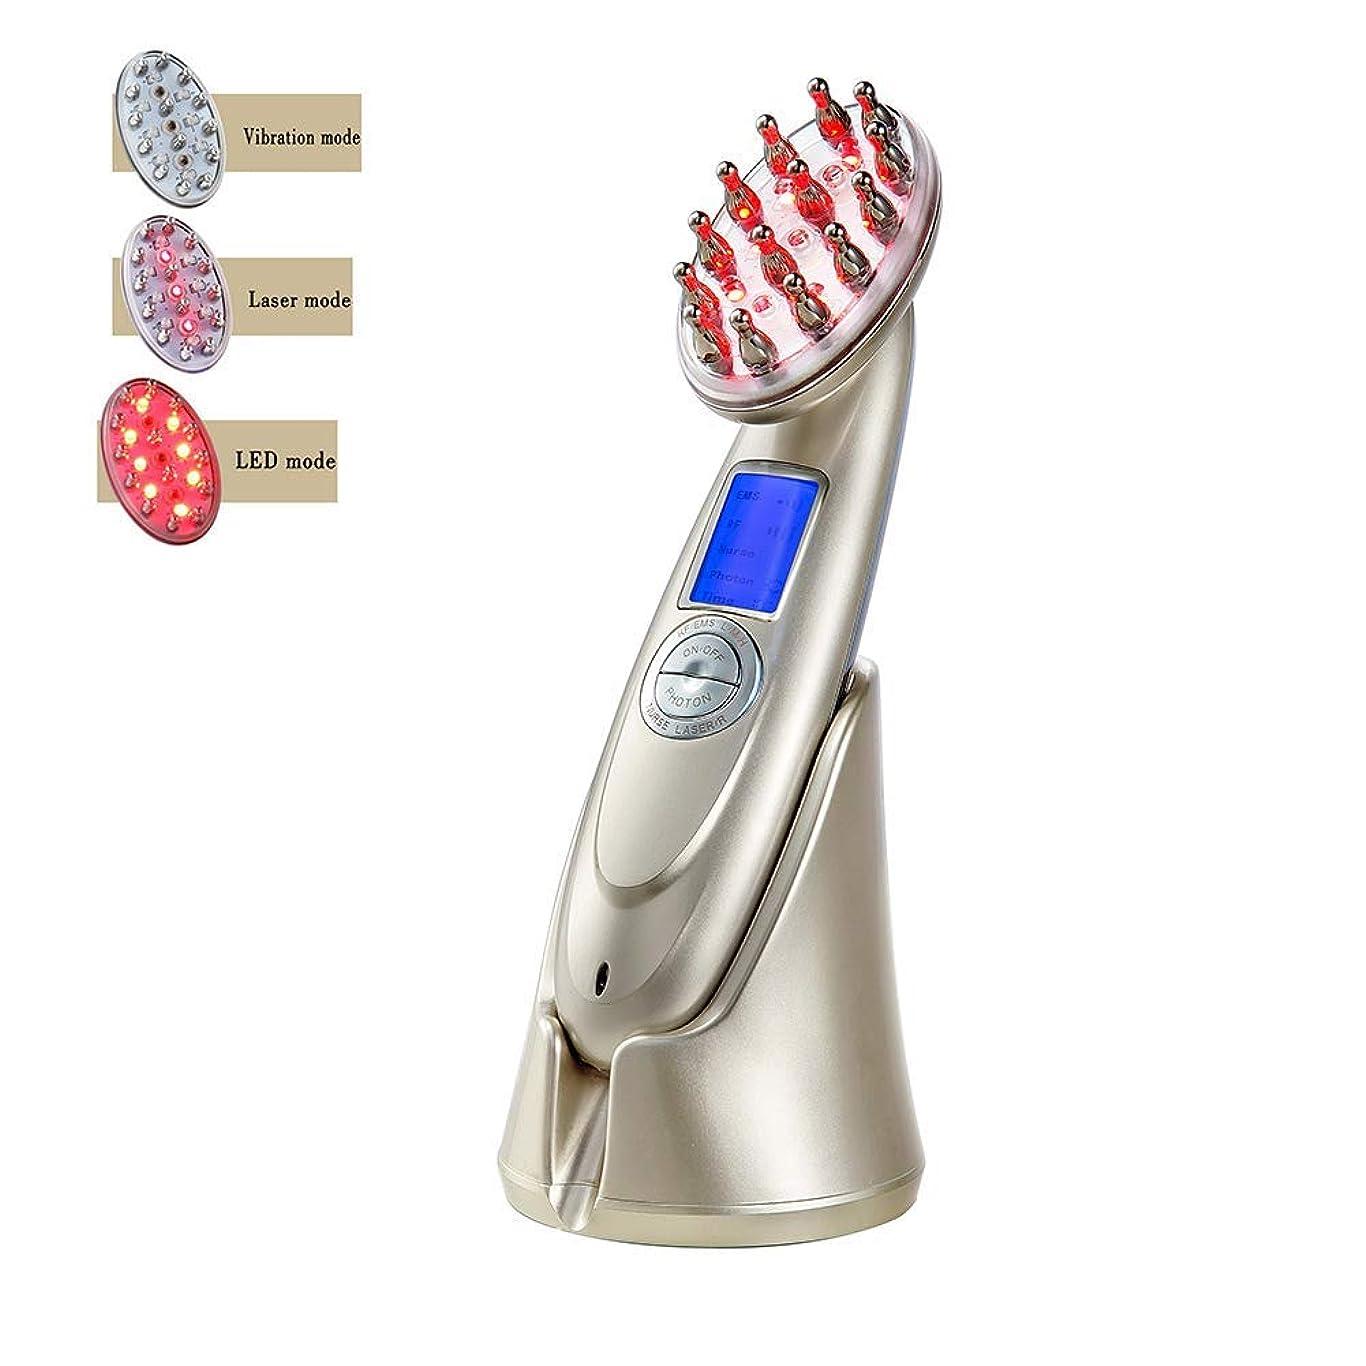 保守可能ボーカル熱心プロの電気毛の成長レーザーの櫛は RF の EMS LED の光子ライト療法のヘアブラシの反毛の損失の処置マッサージ器の毛の再生のブラシ